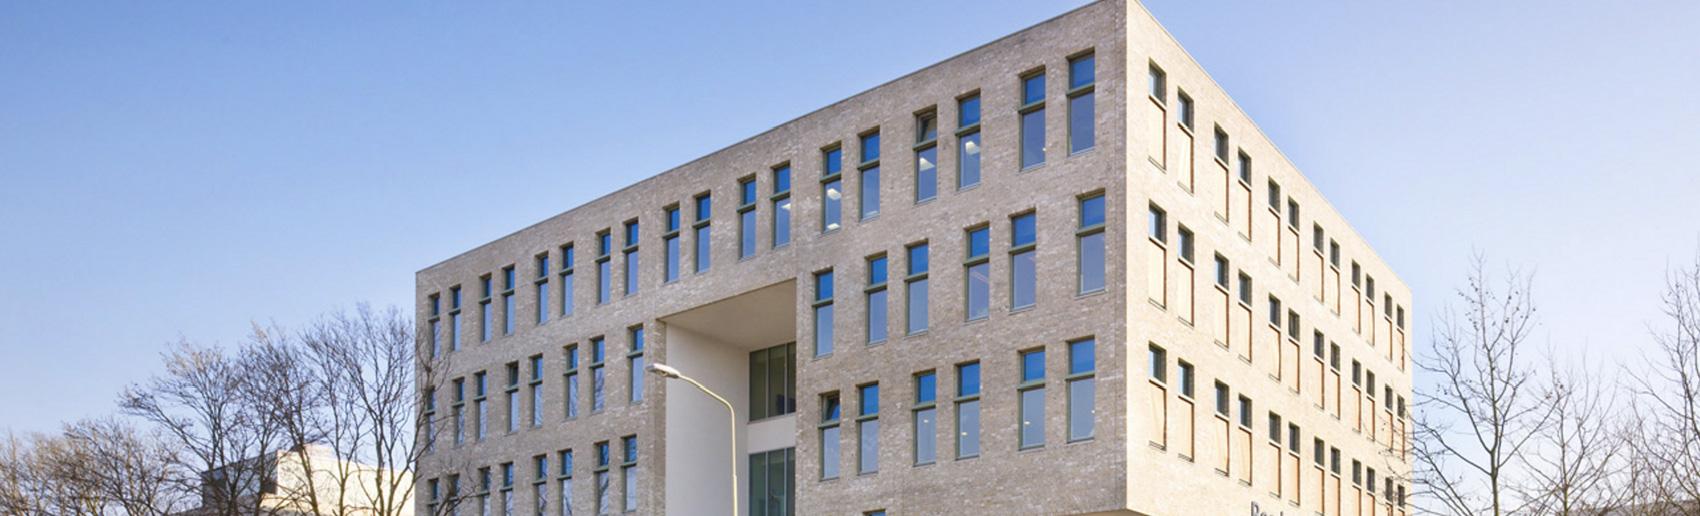 Boerhaave ziekenhuis - Dakvisie Breda en Tilburg -